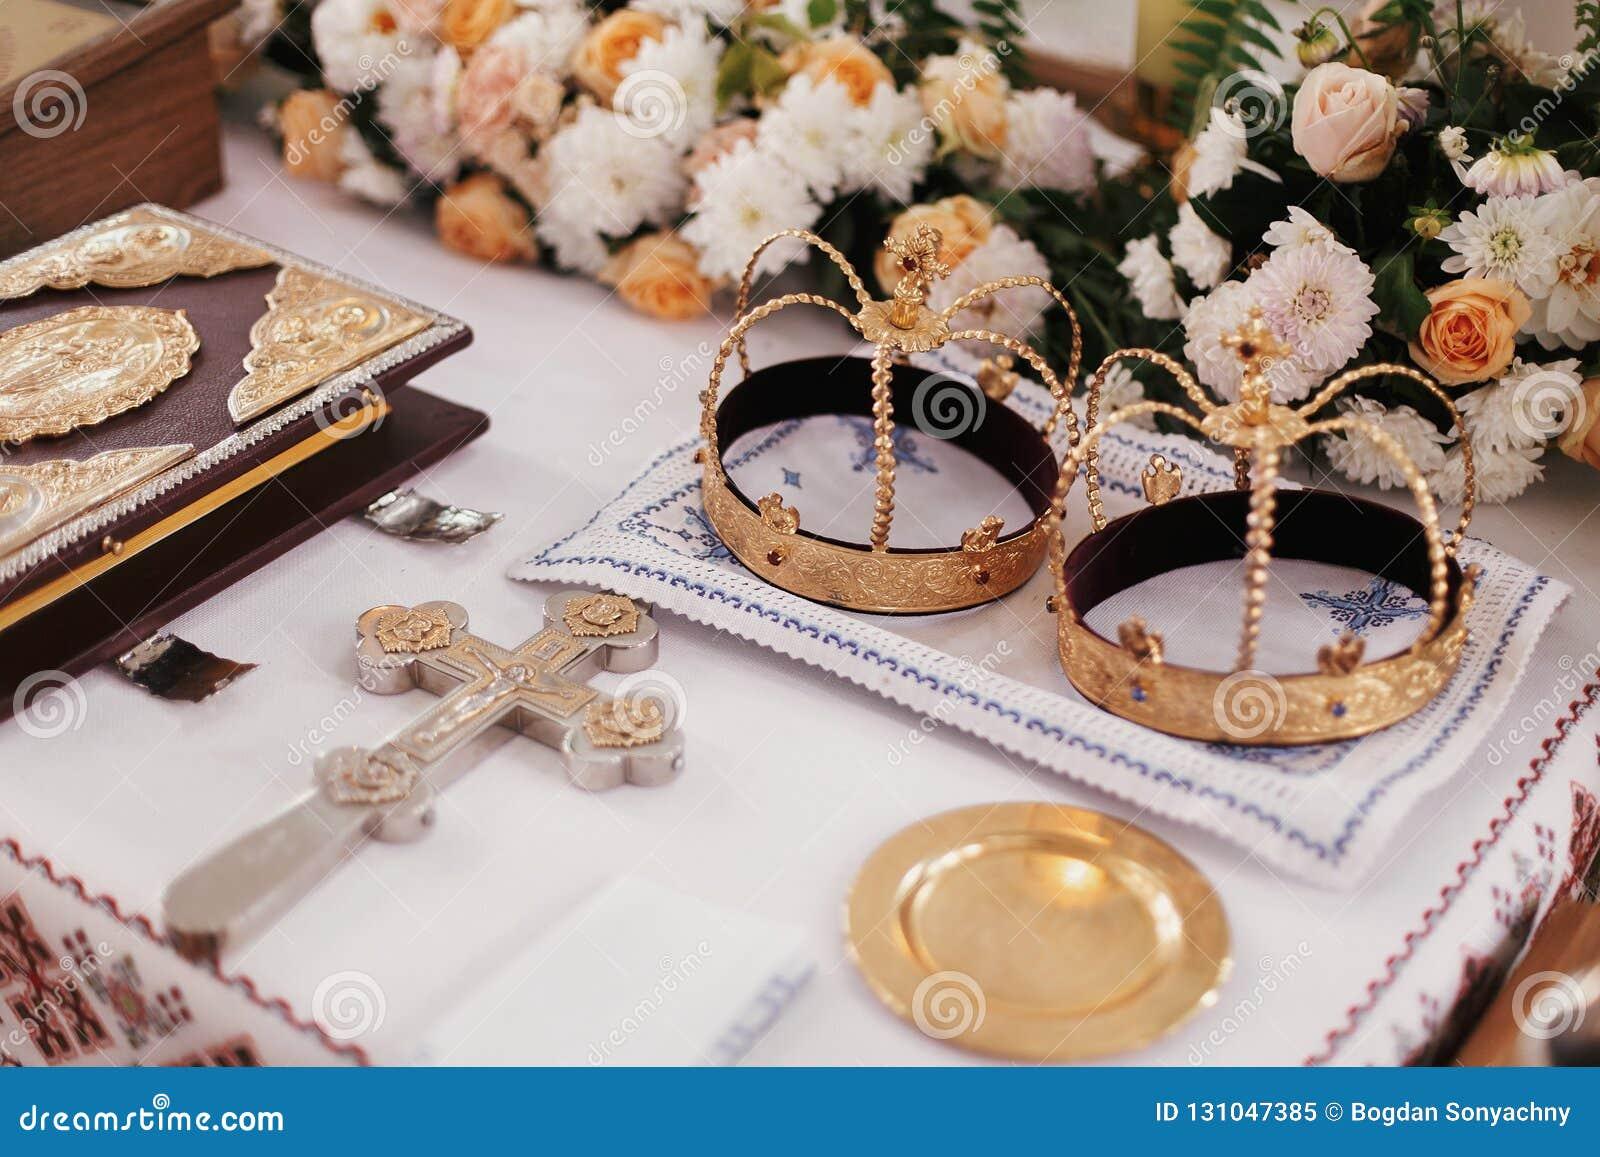 Matrimonio santo en iglesia Coronas, cruz, biblia y velas de oro